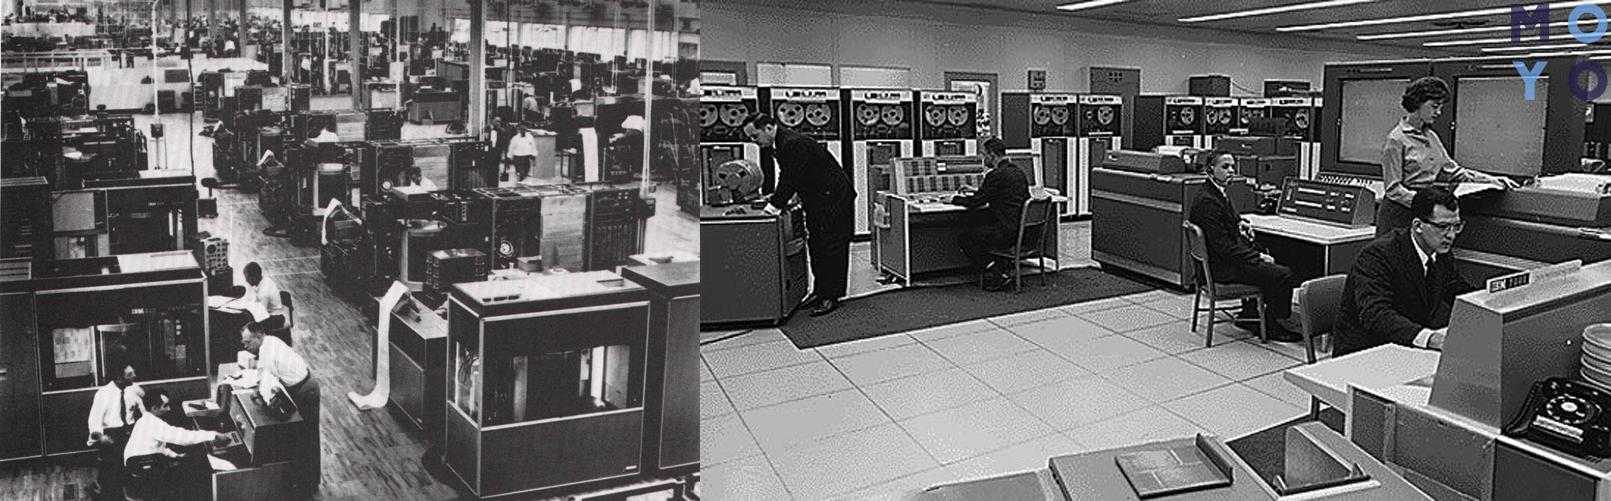 Работа в IBM в середине 20 века